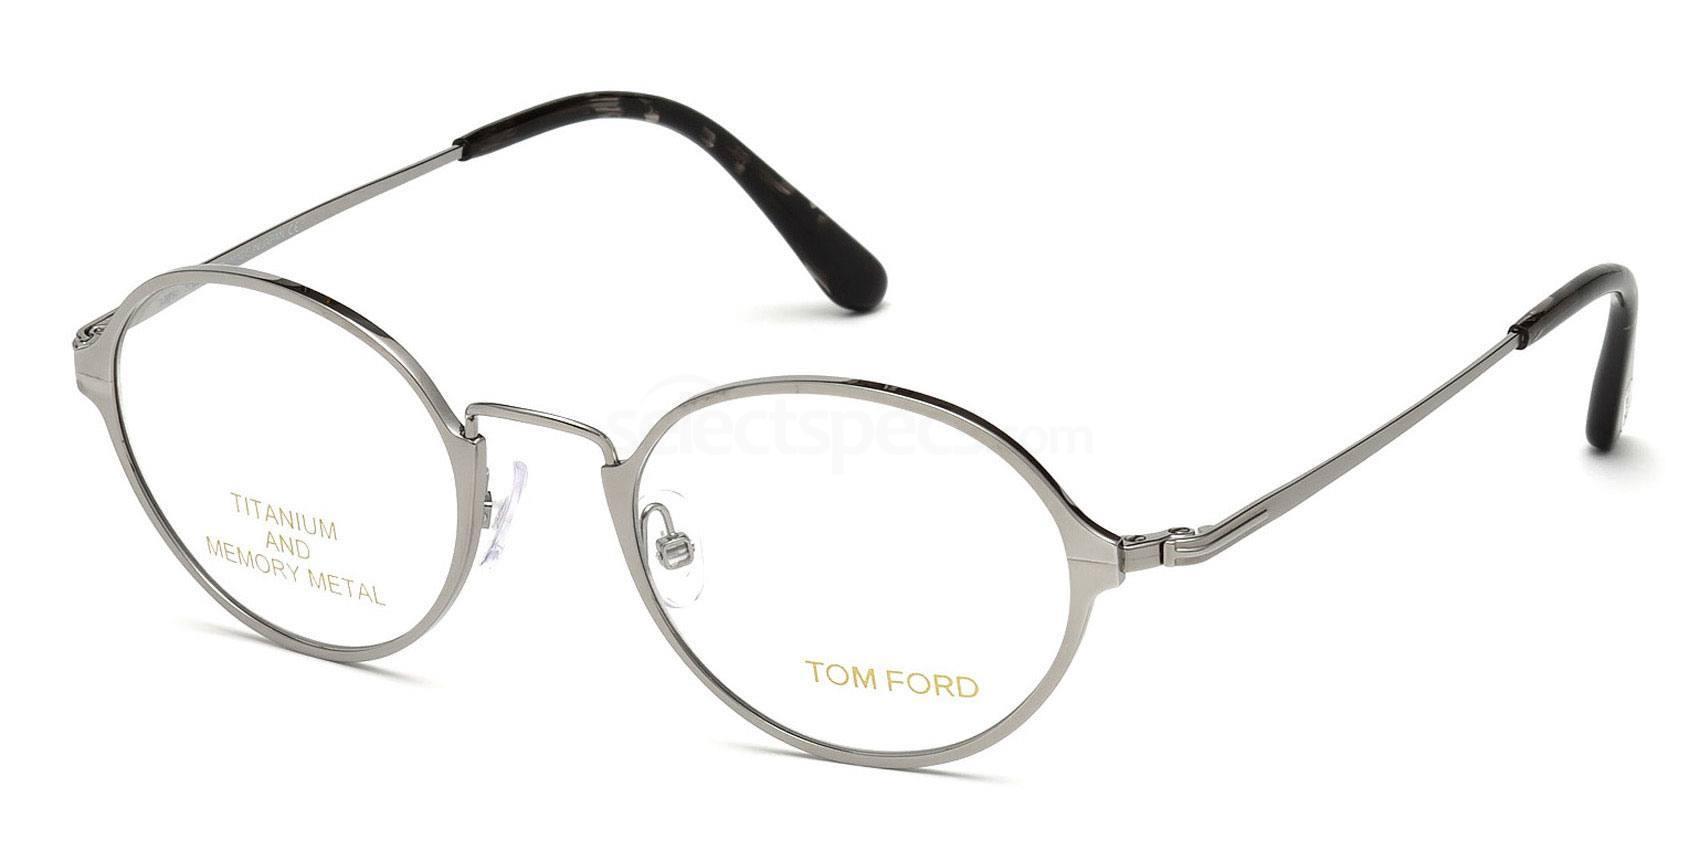 Tom Ford FT5350 glasses